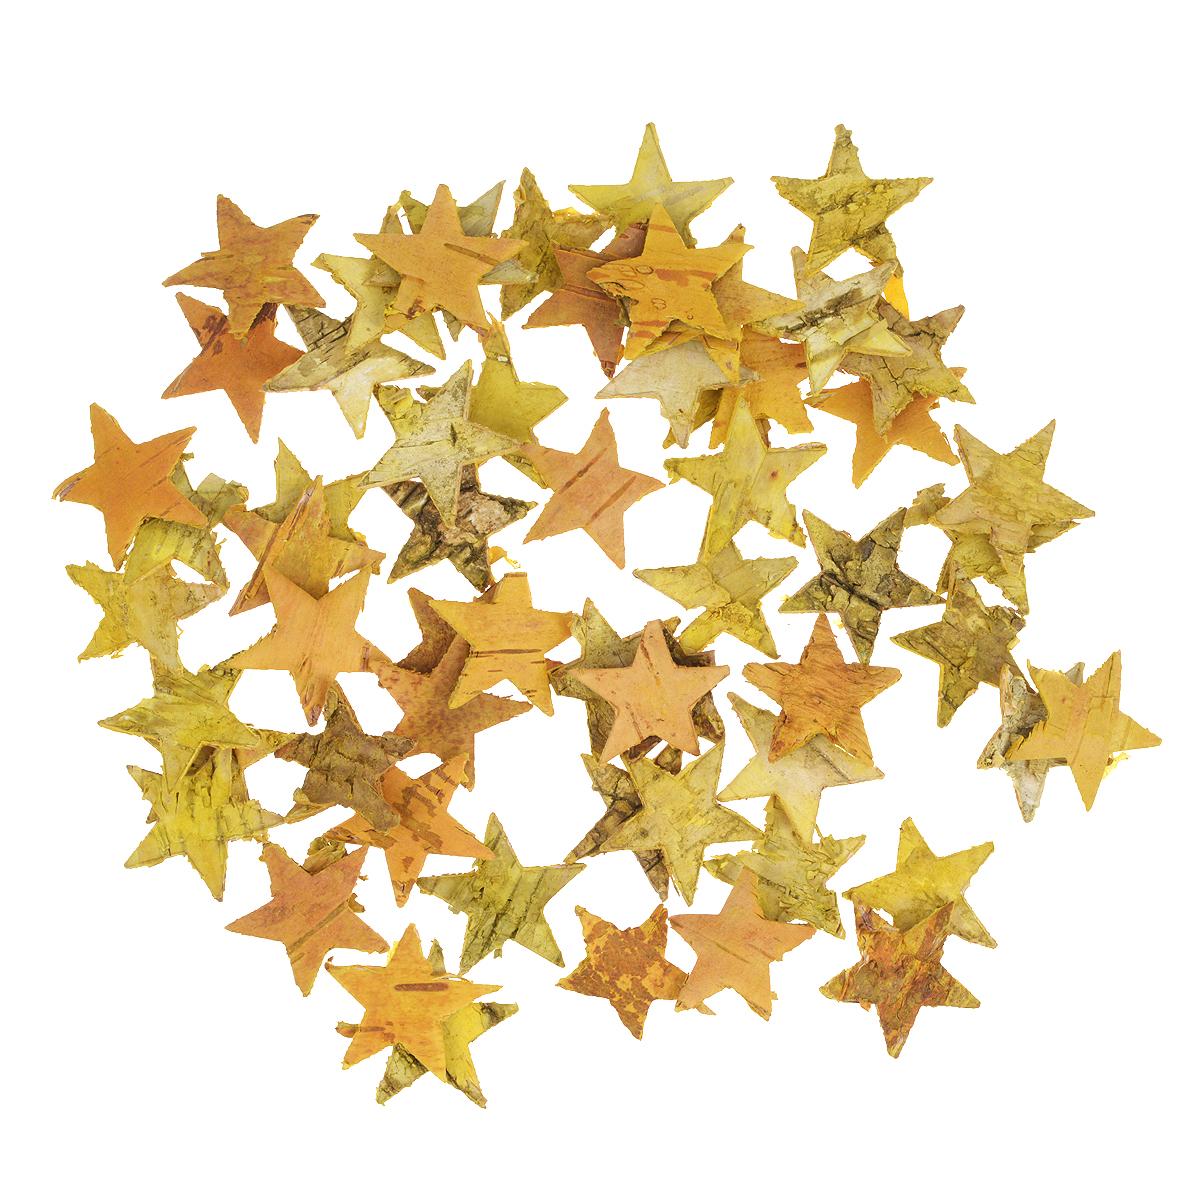 Декоративный элемент Dongjiang Art Звезда, цвет: желтый, 50 шт7709005Декоративный элемент Dongjiang Art Звезда, изготовленный из натуральной коры дерева, предназначен для украшения цветочных композиций. Изделие можно также использовать в технике скрапбукинг и многом другом. Флористика - вид декоративно-прикладного искусства, который использует живые, засушенные или консервированные природные материалы для создания флористических работ. Это целый мир, в котором есть место и строгому математическому расчету, и вдохновению.